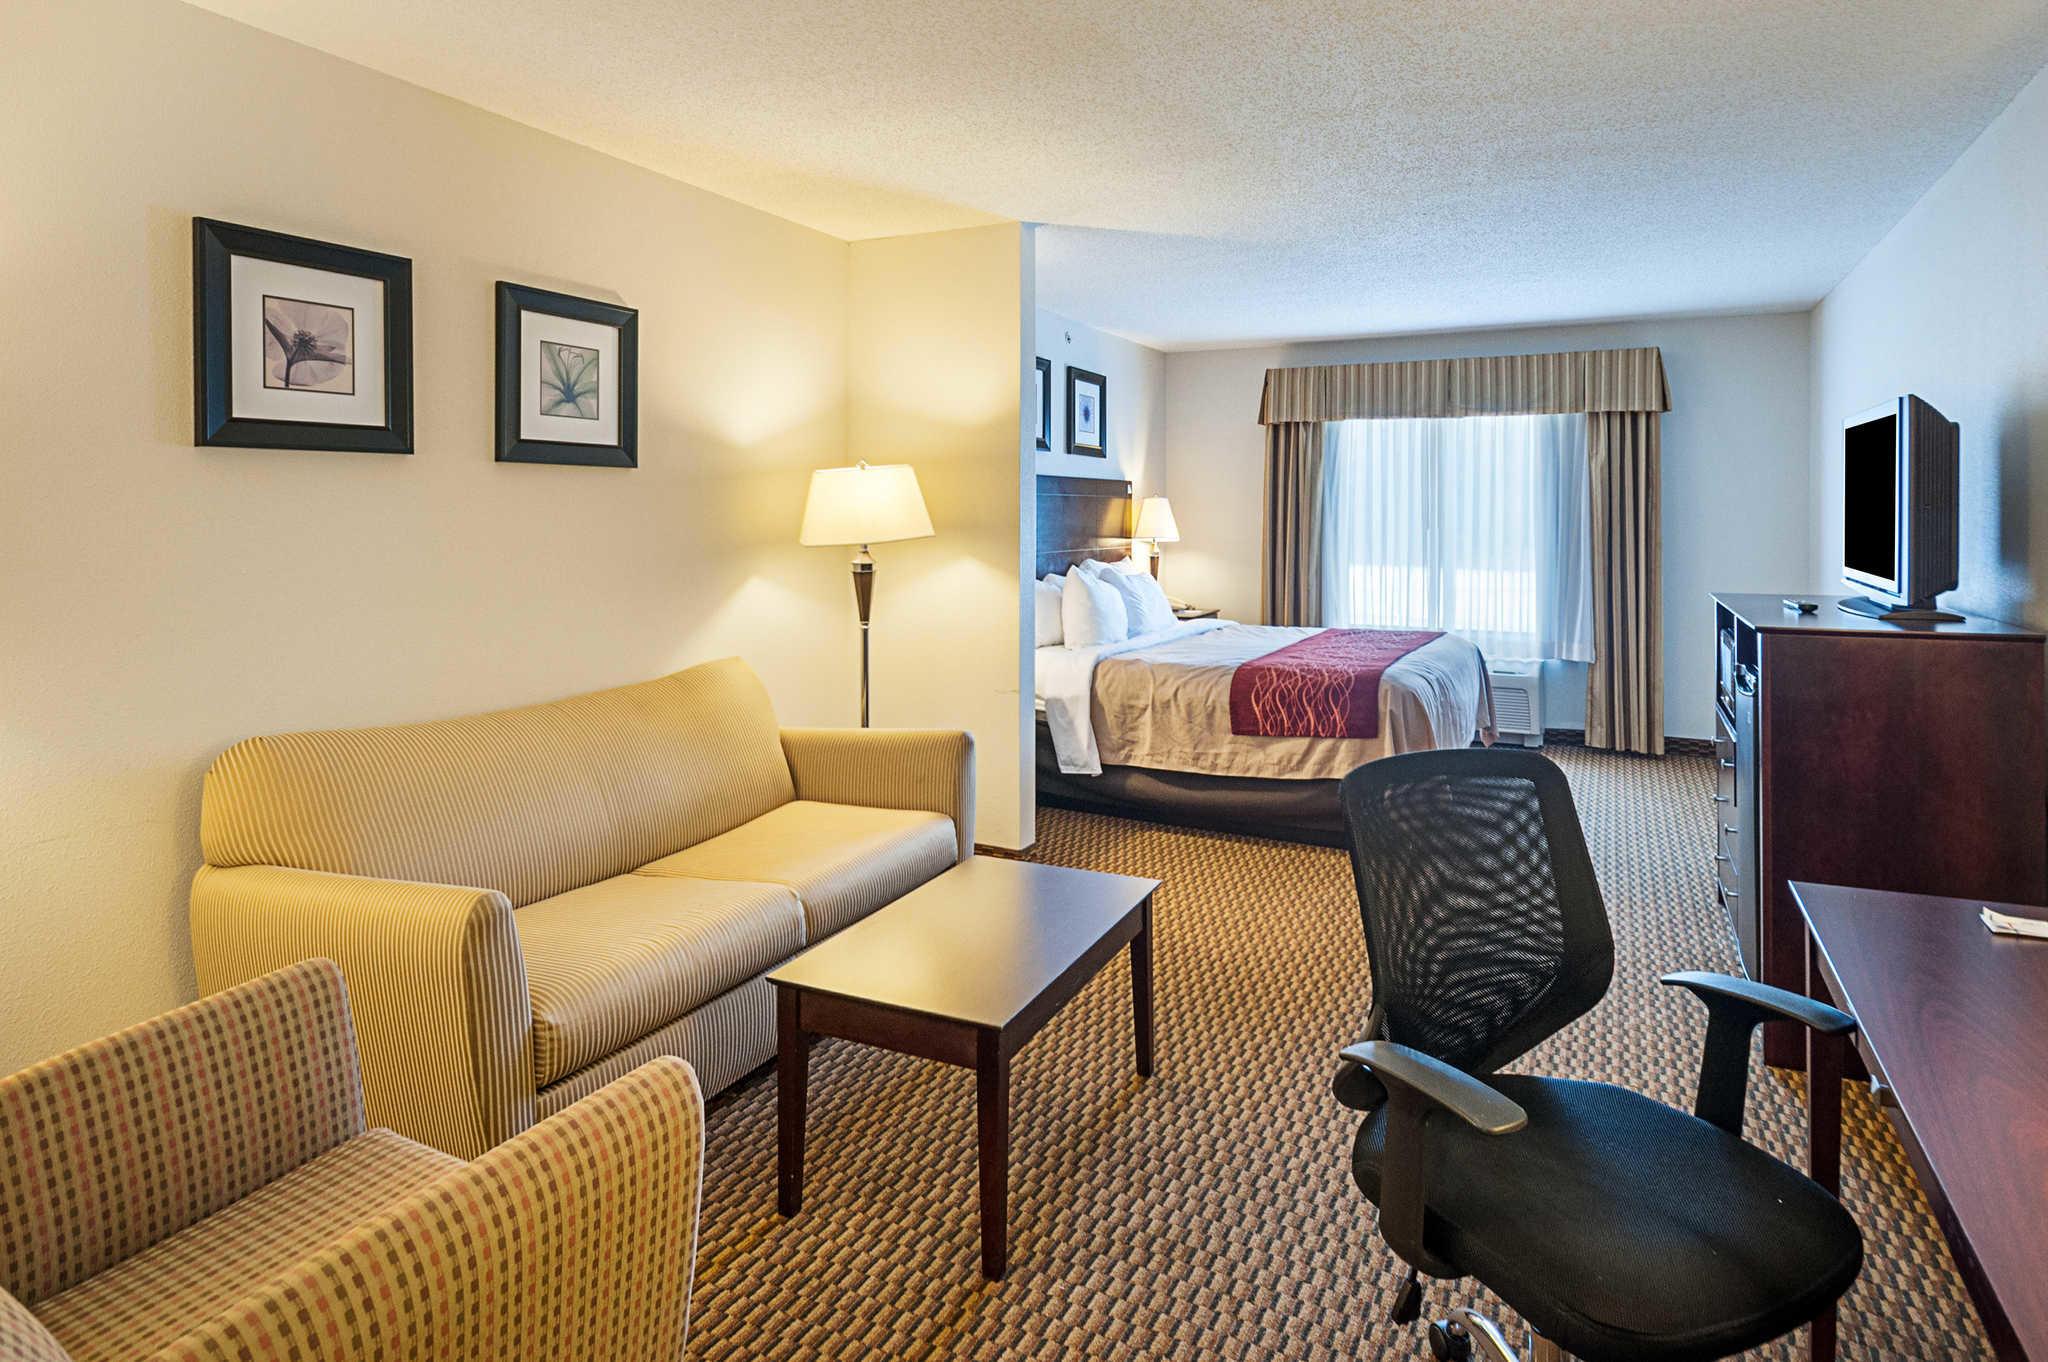 Comfort Inn & Suites Cambridge image 21